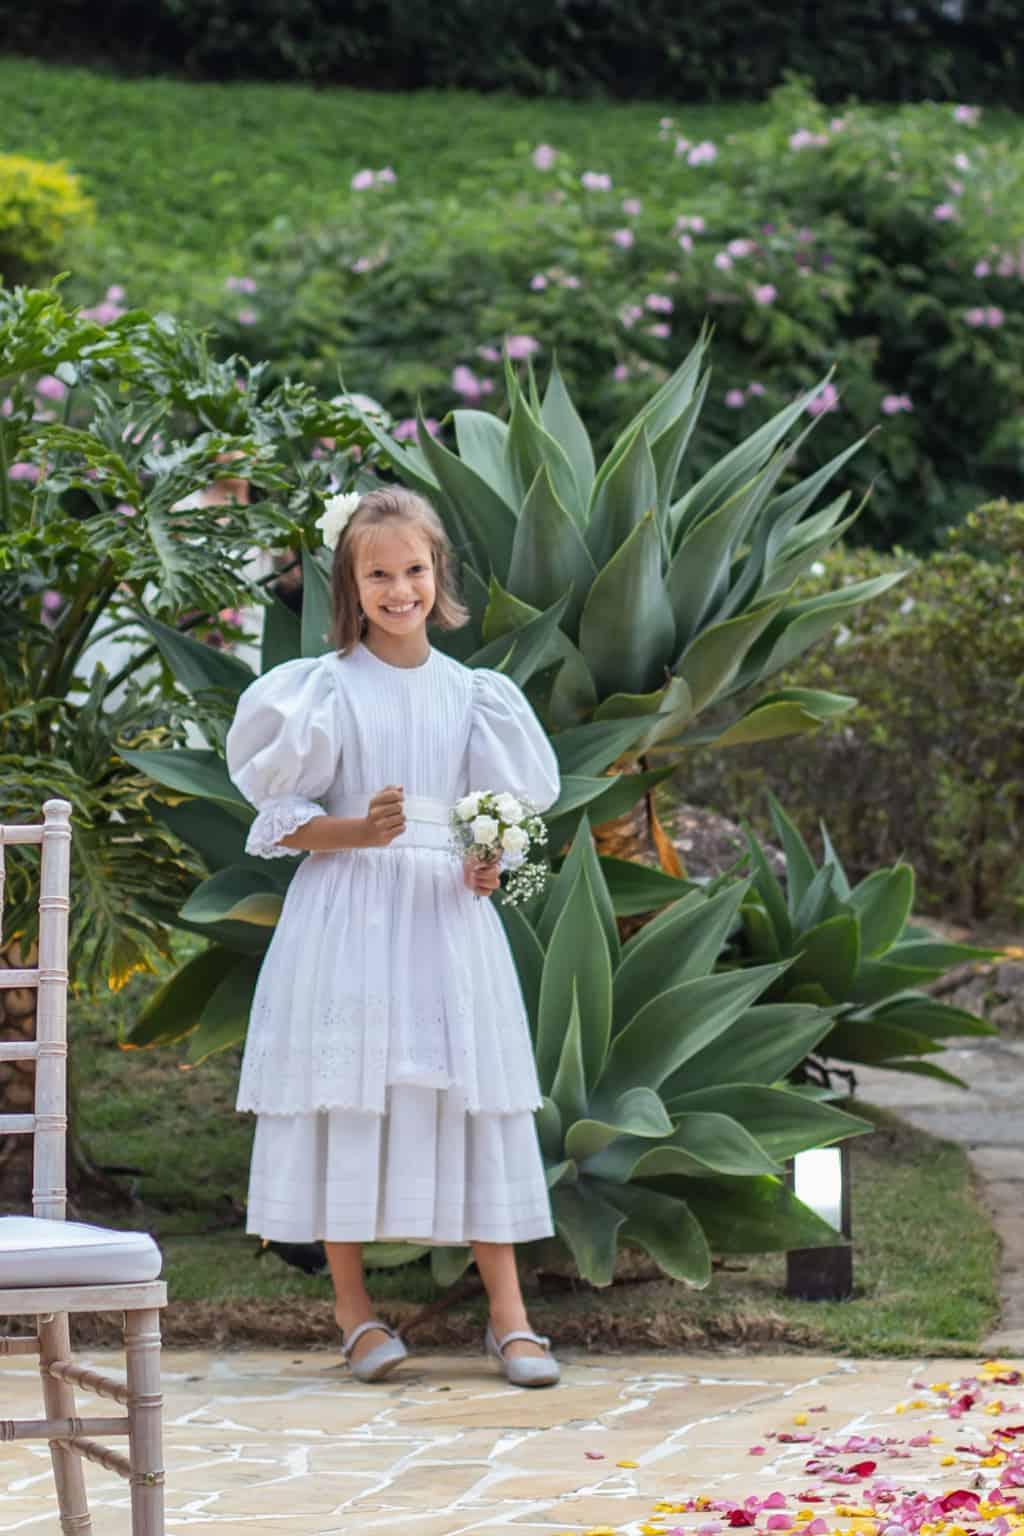 casamento-na-serra-cerimonia-ao-ar-livre-daminhas-e-pajens-Fotografia-Laura-Campanella-graviola-filmes-Juliana-e-Sebastian-noivos-no-altar-Pousada-La-Belle-Bruna85